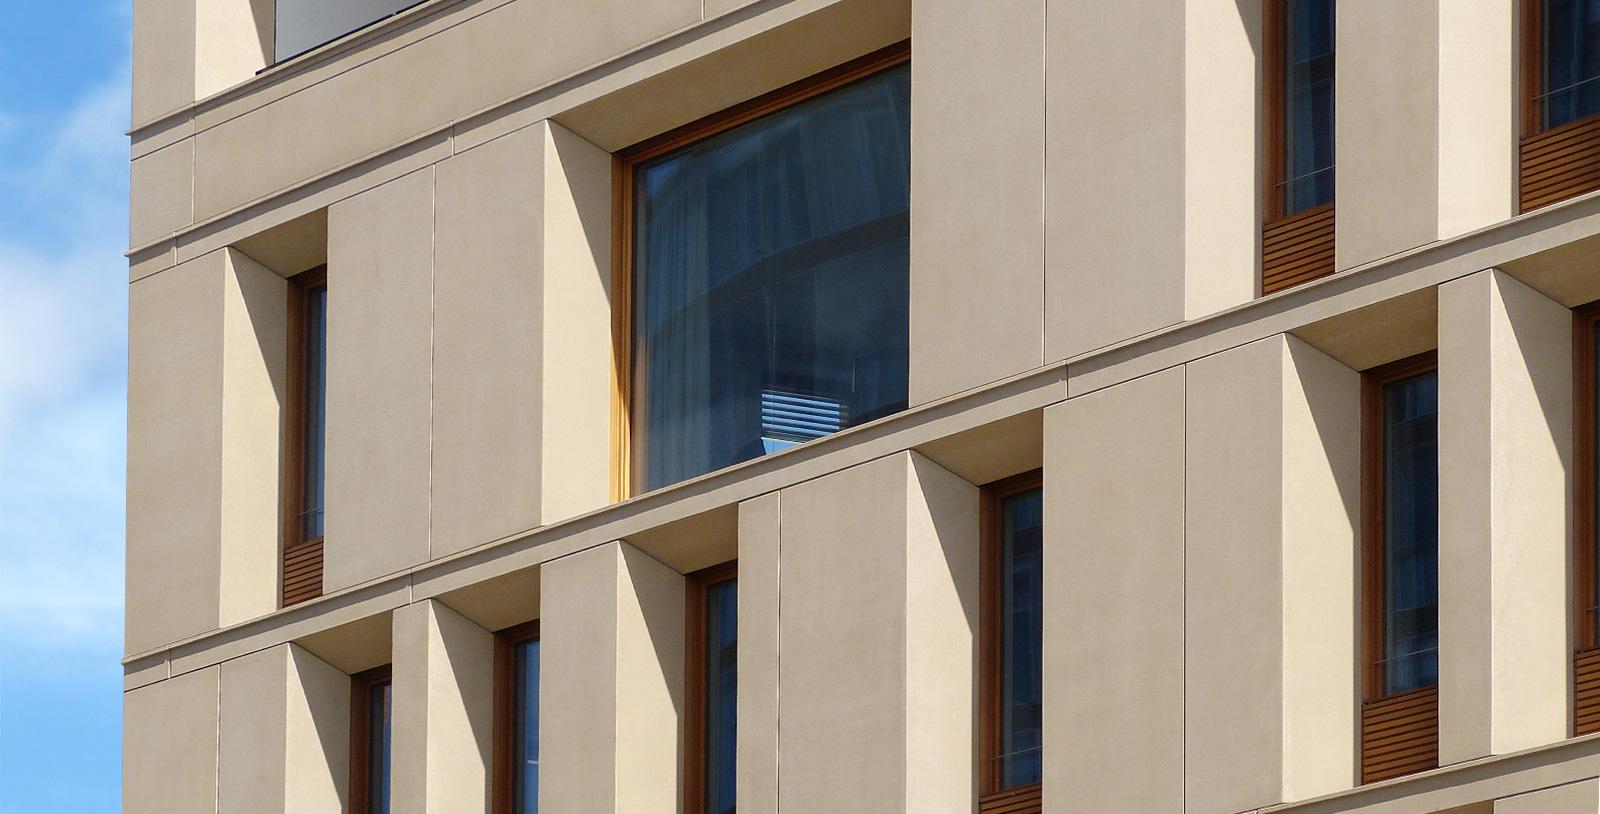 Fenster aus holz oder kunststoff for Fenster aus kunststoff